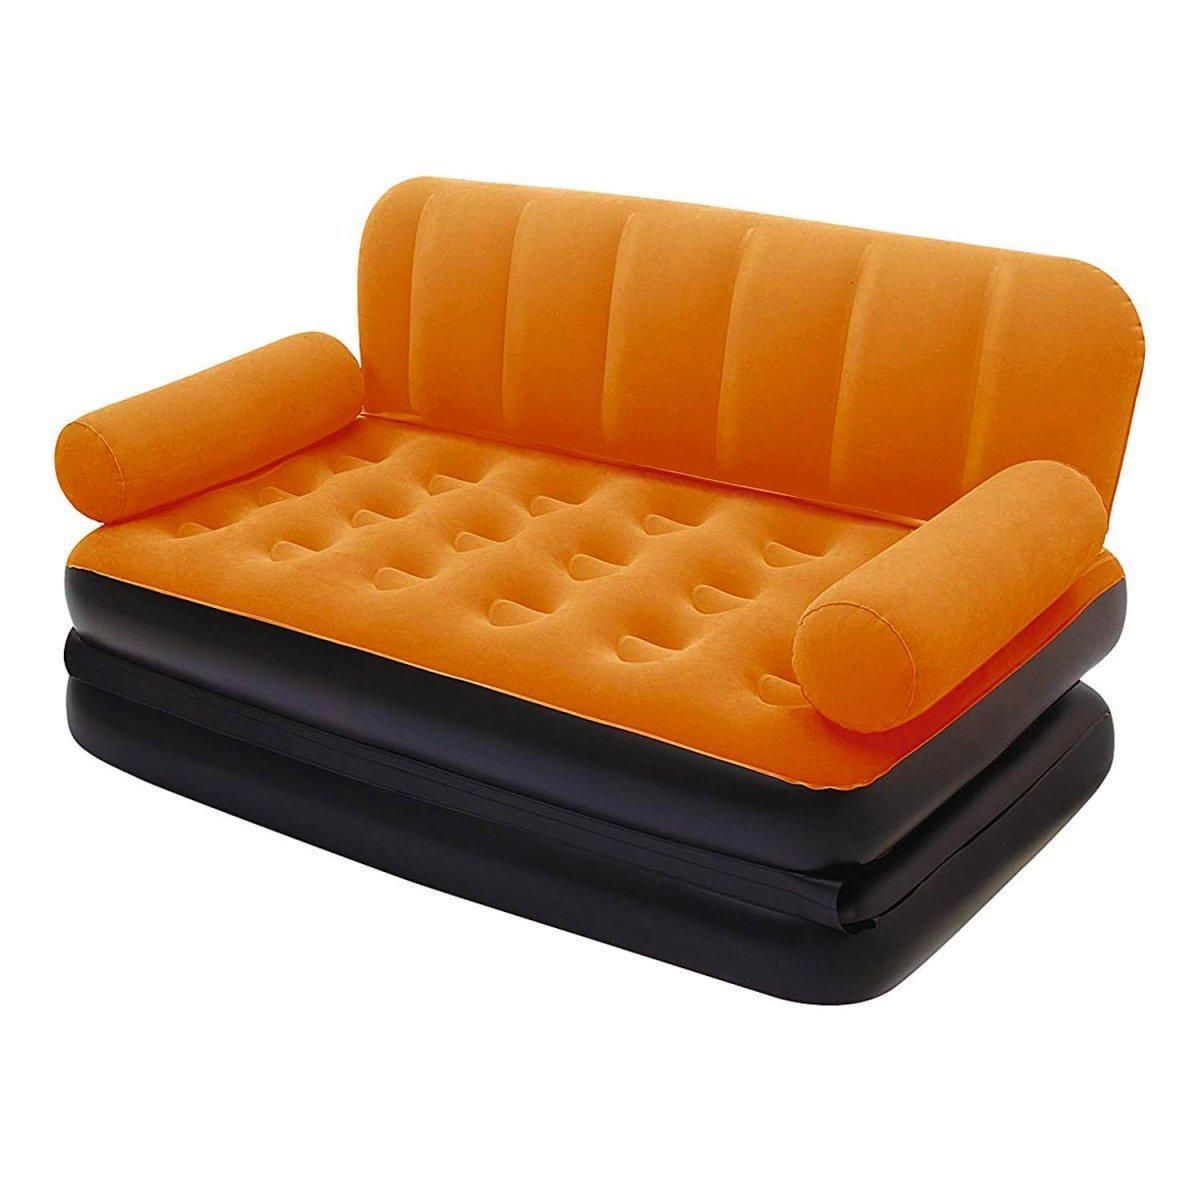 Надувной диван Bestway 67356, 188 х 152 х 64 см с электрическим насосом. Флокированный диван трансформер 2 в 1, оранжевый